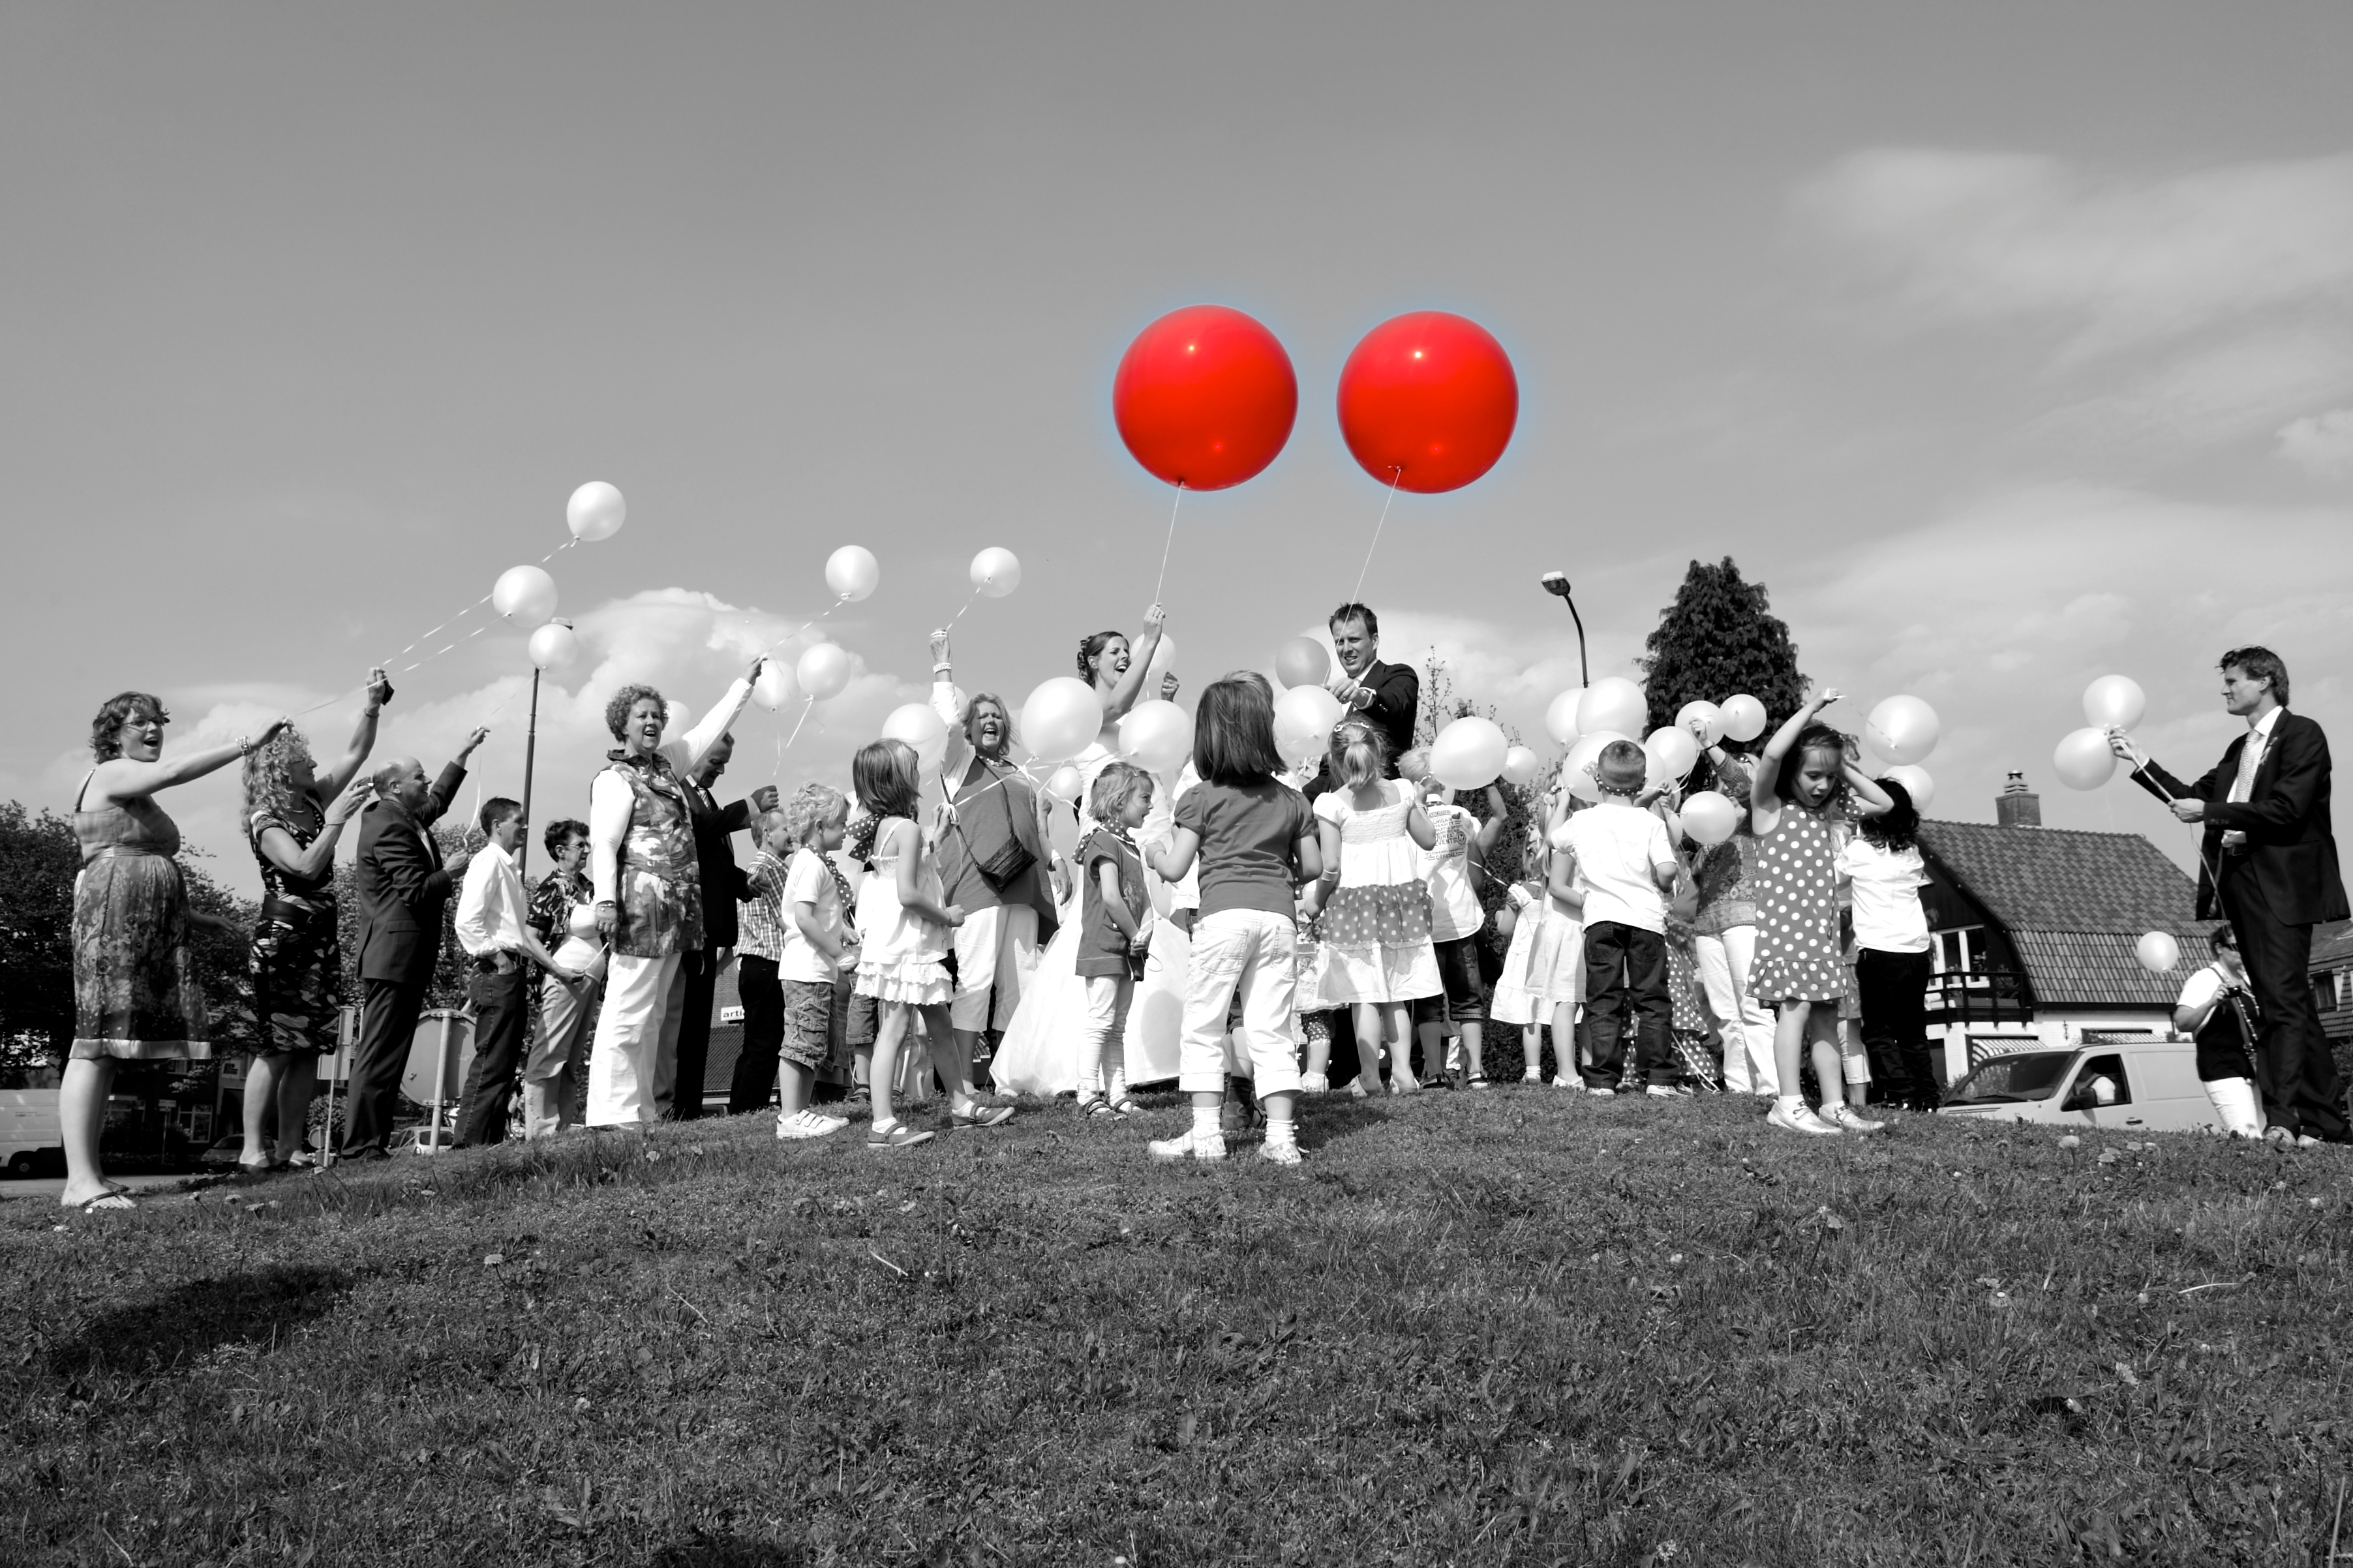 bruidsreportage met twee rode ballonnen